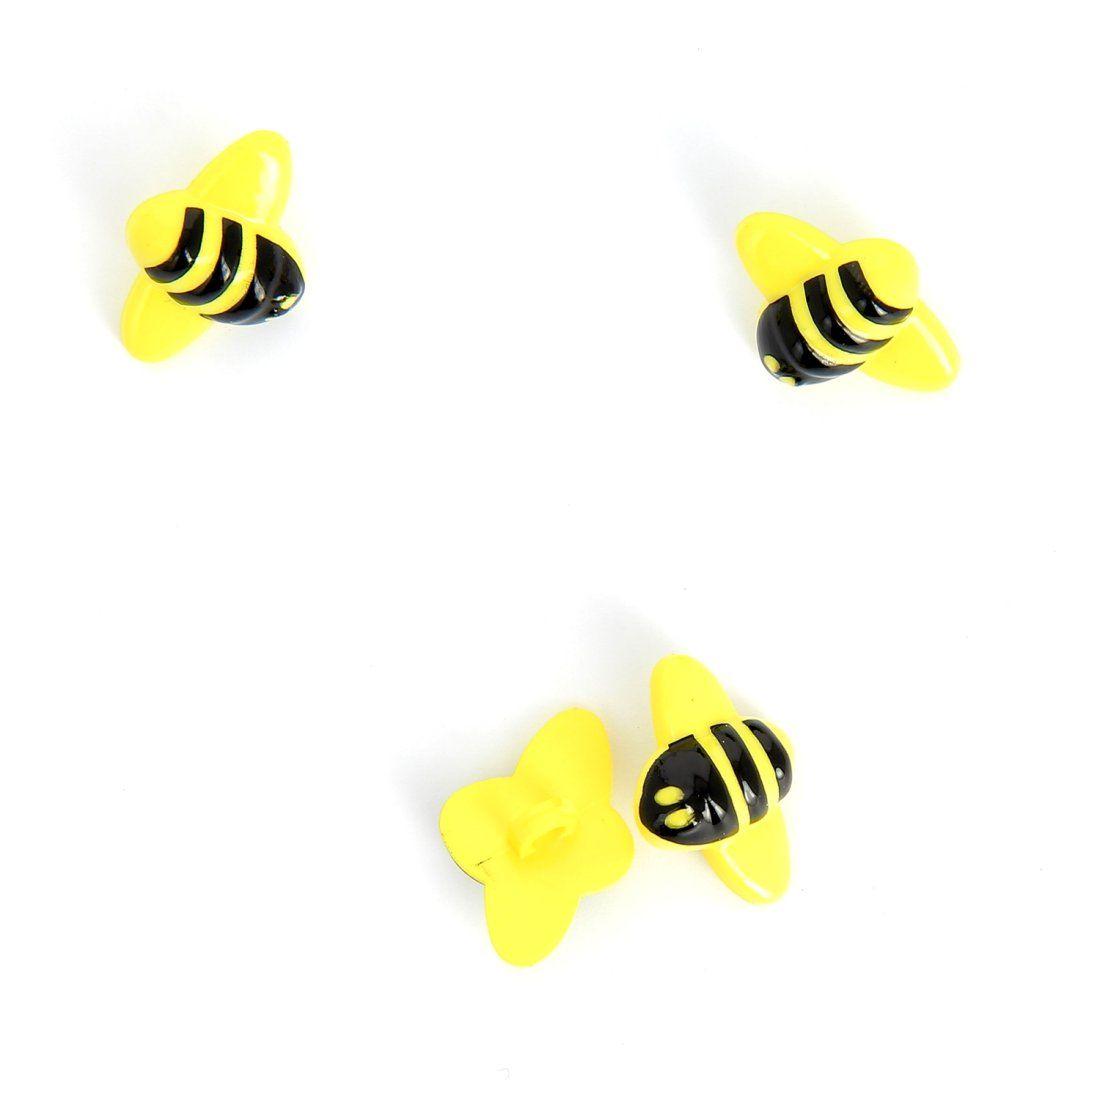 Bienen-Knopf für Kinder